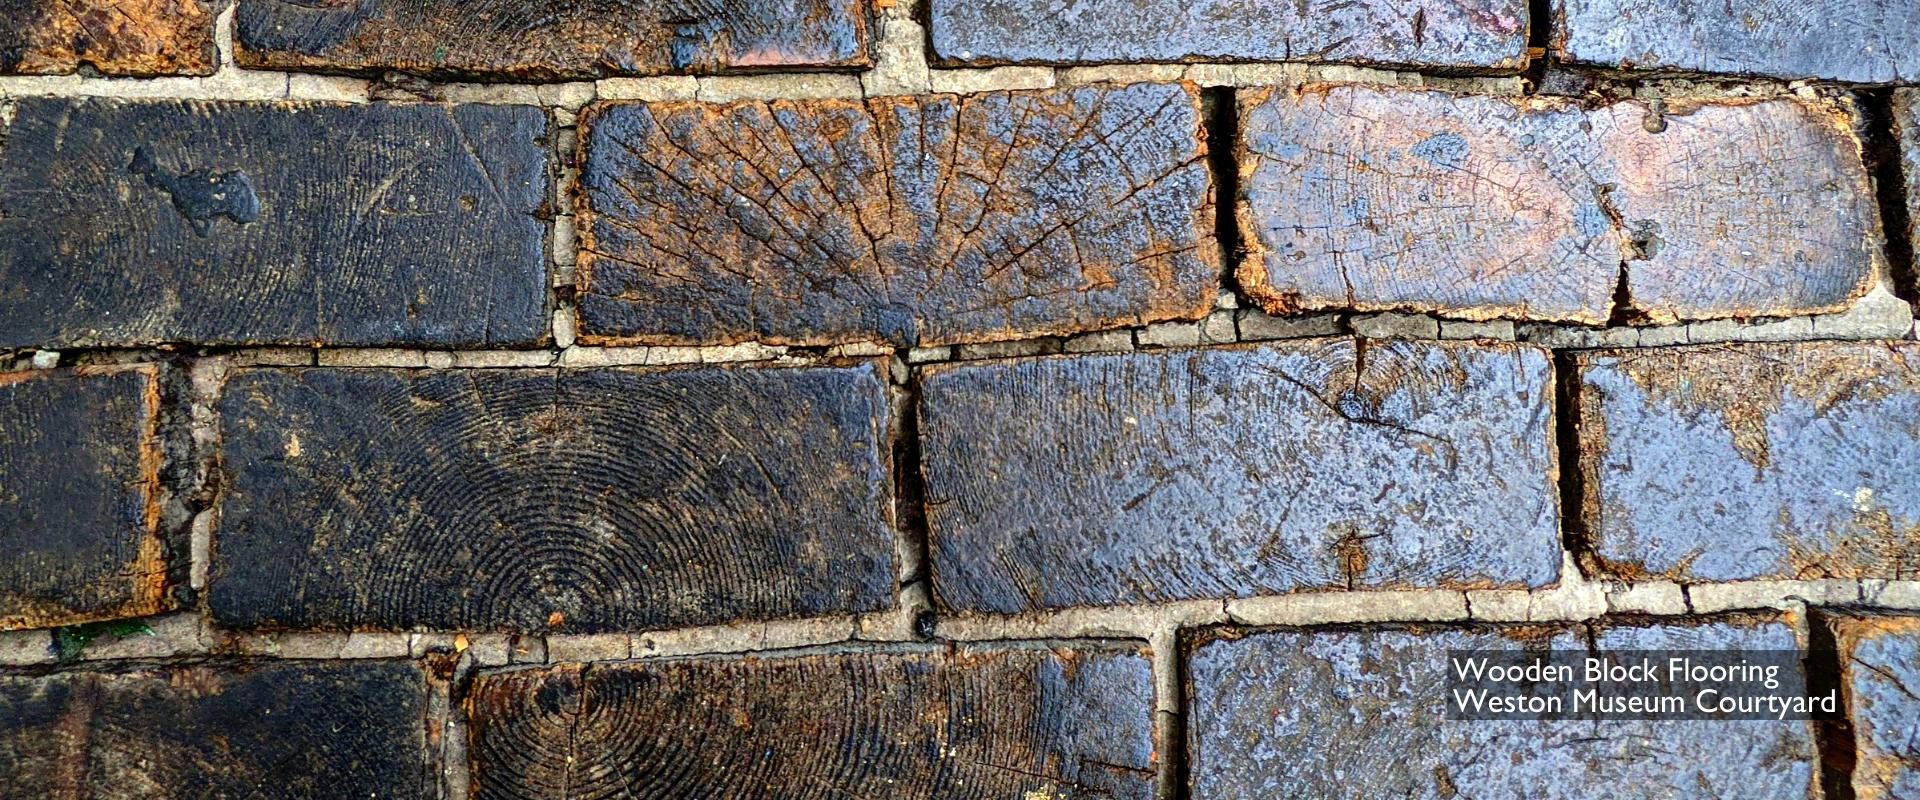 Wooden Block Flooring